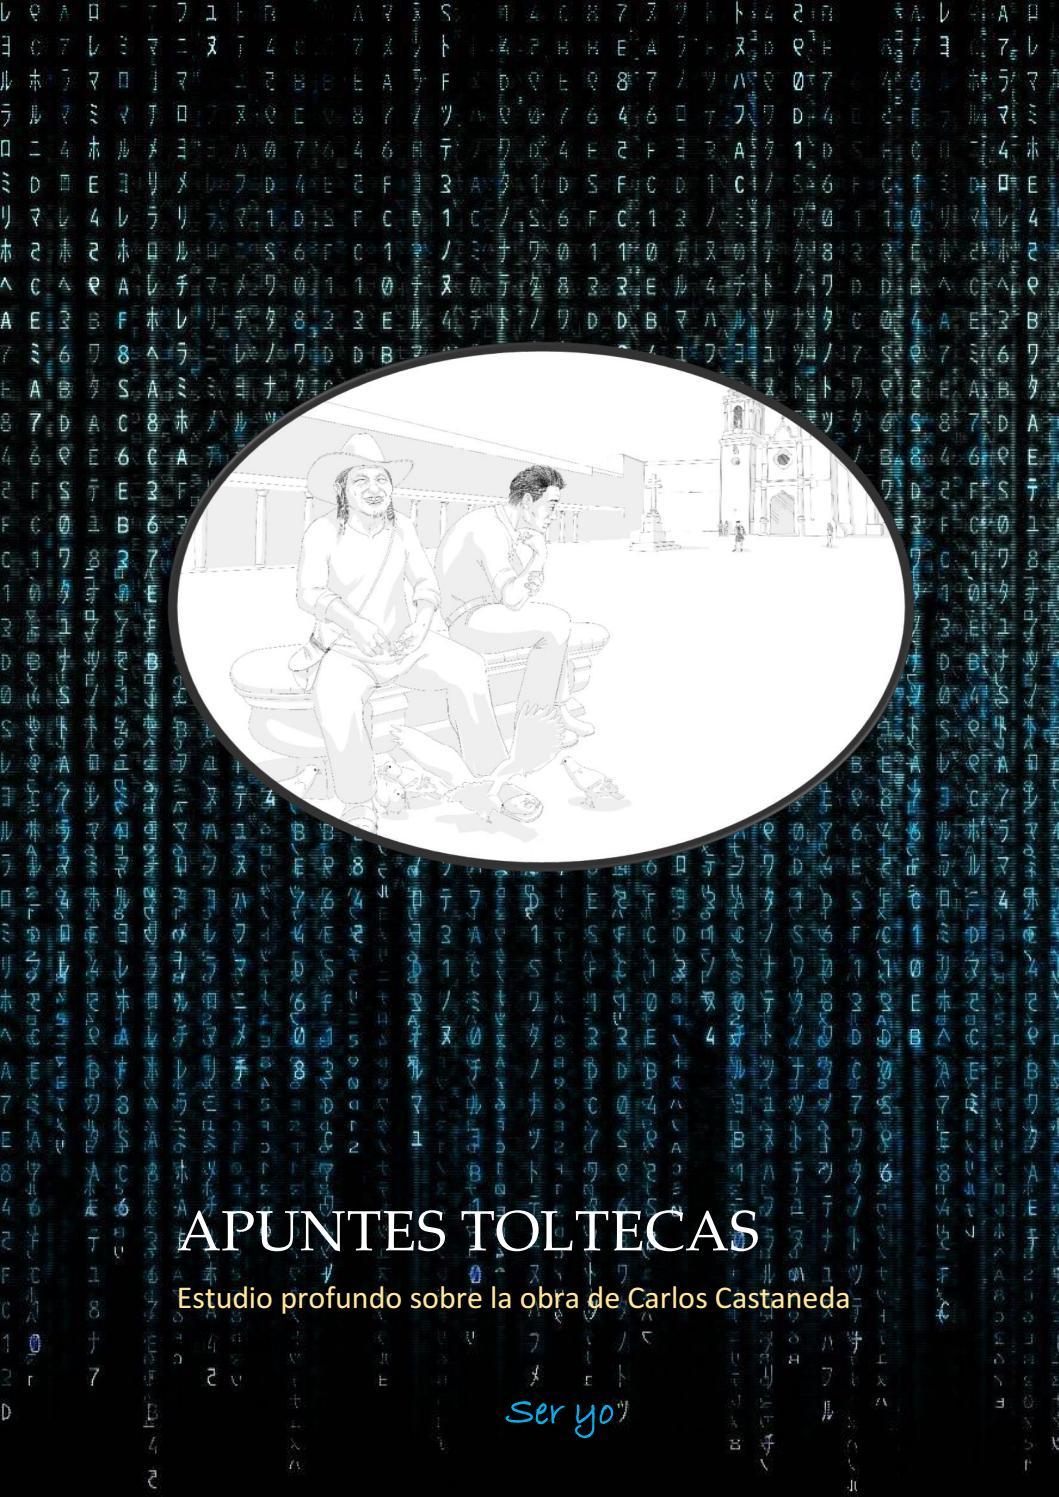 Apuntes Toltecas Estudio Profundo Sobre La Obra De Carlos